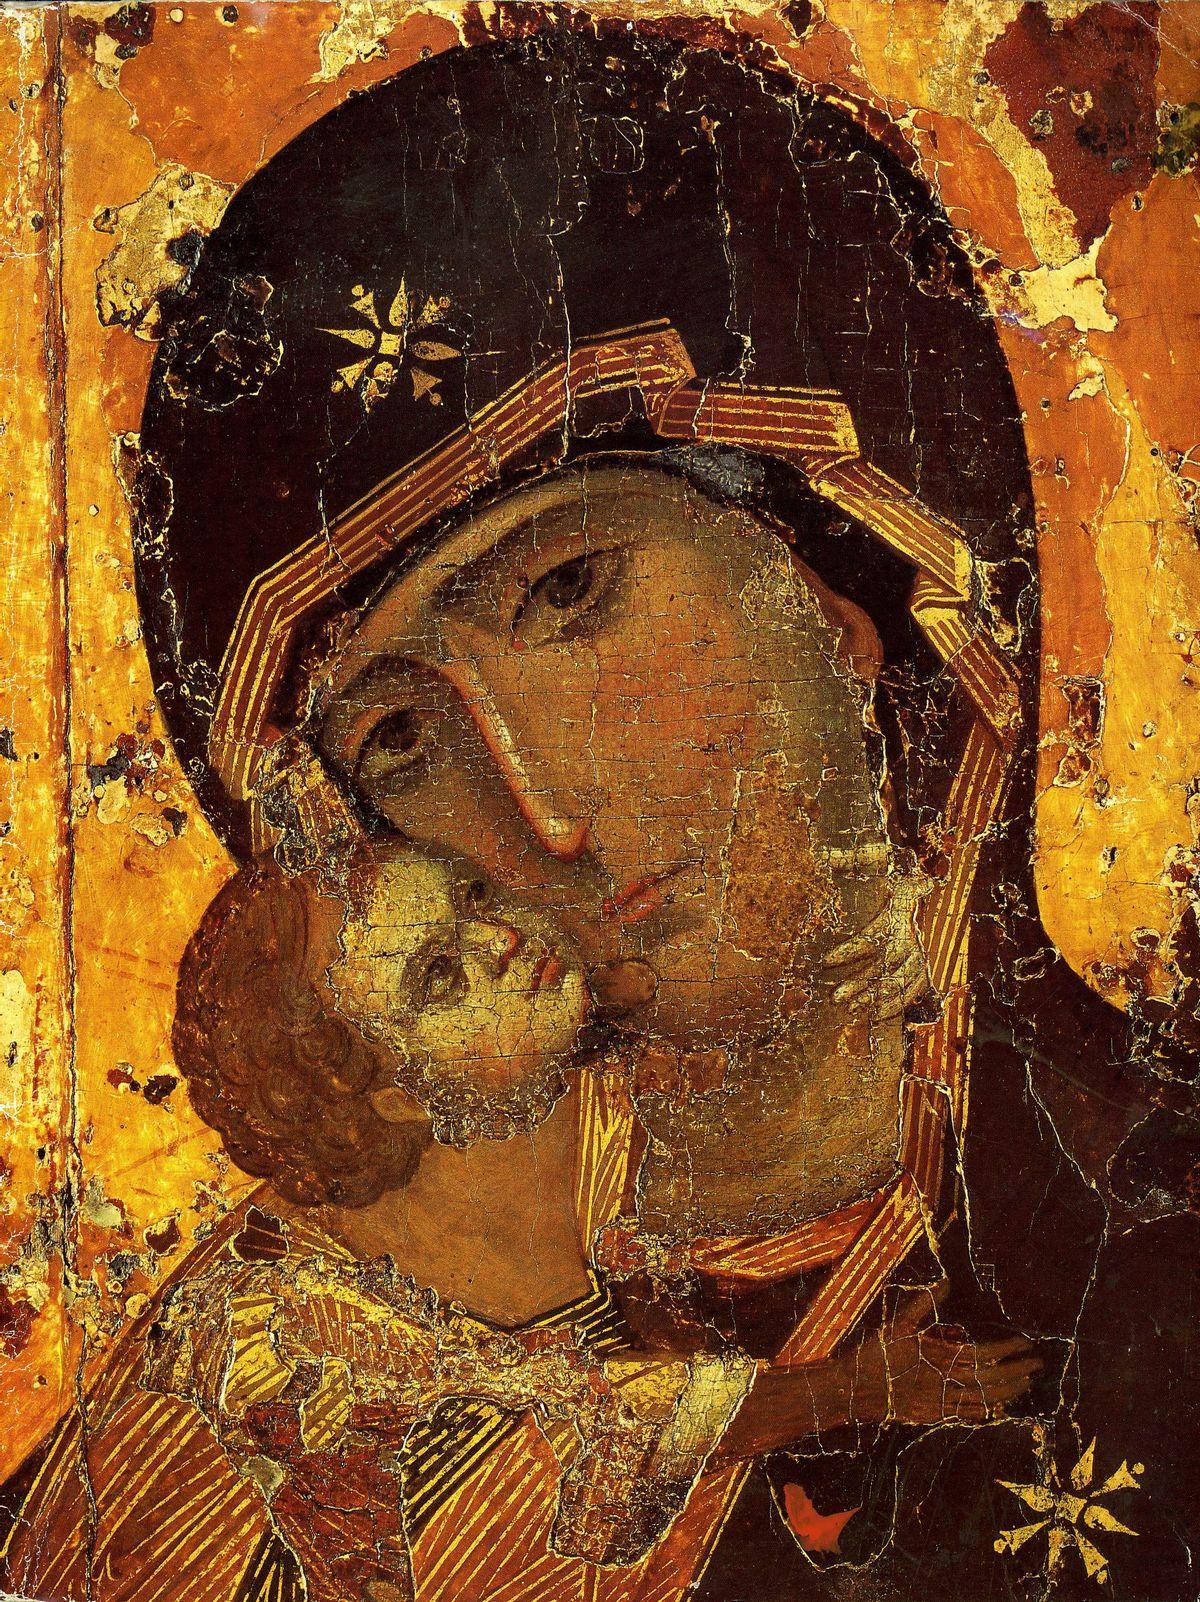 Владимирская икона божией матери (икона богородицы) считается чудотворной и, по преданию